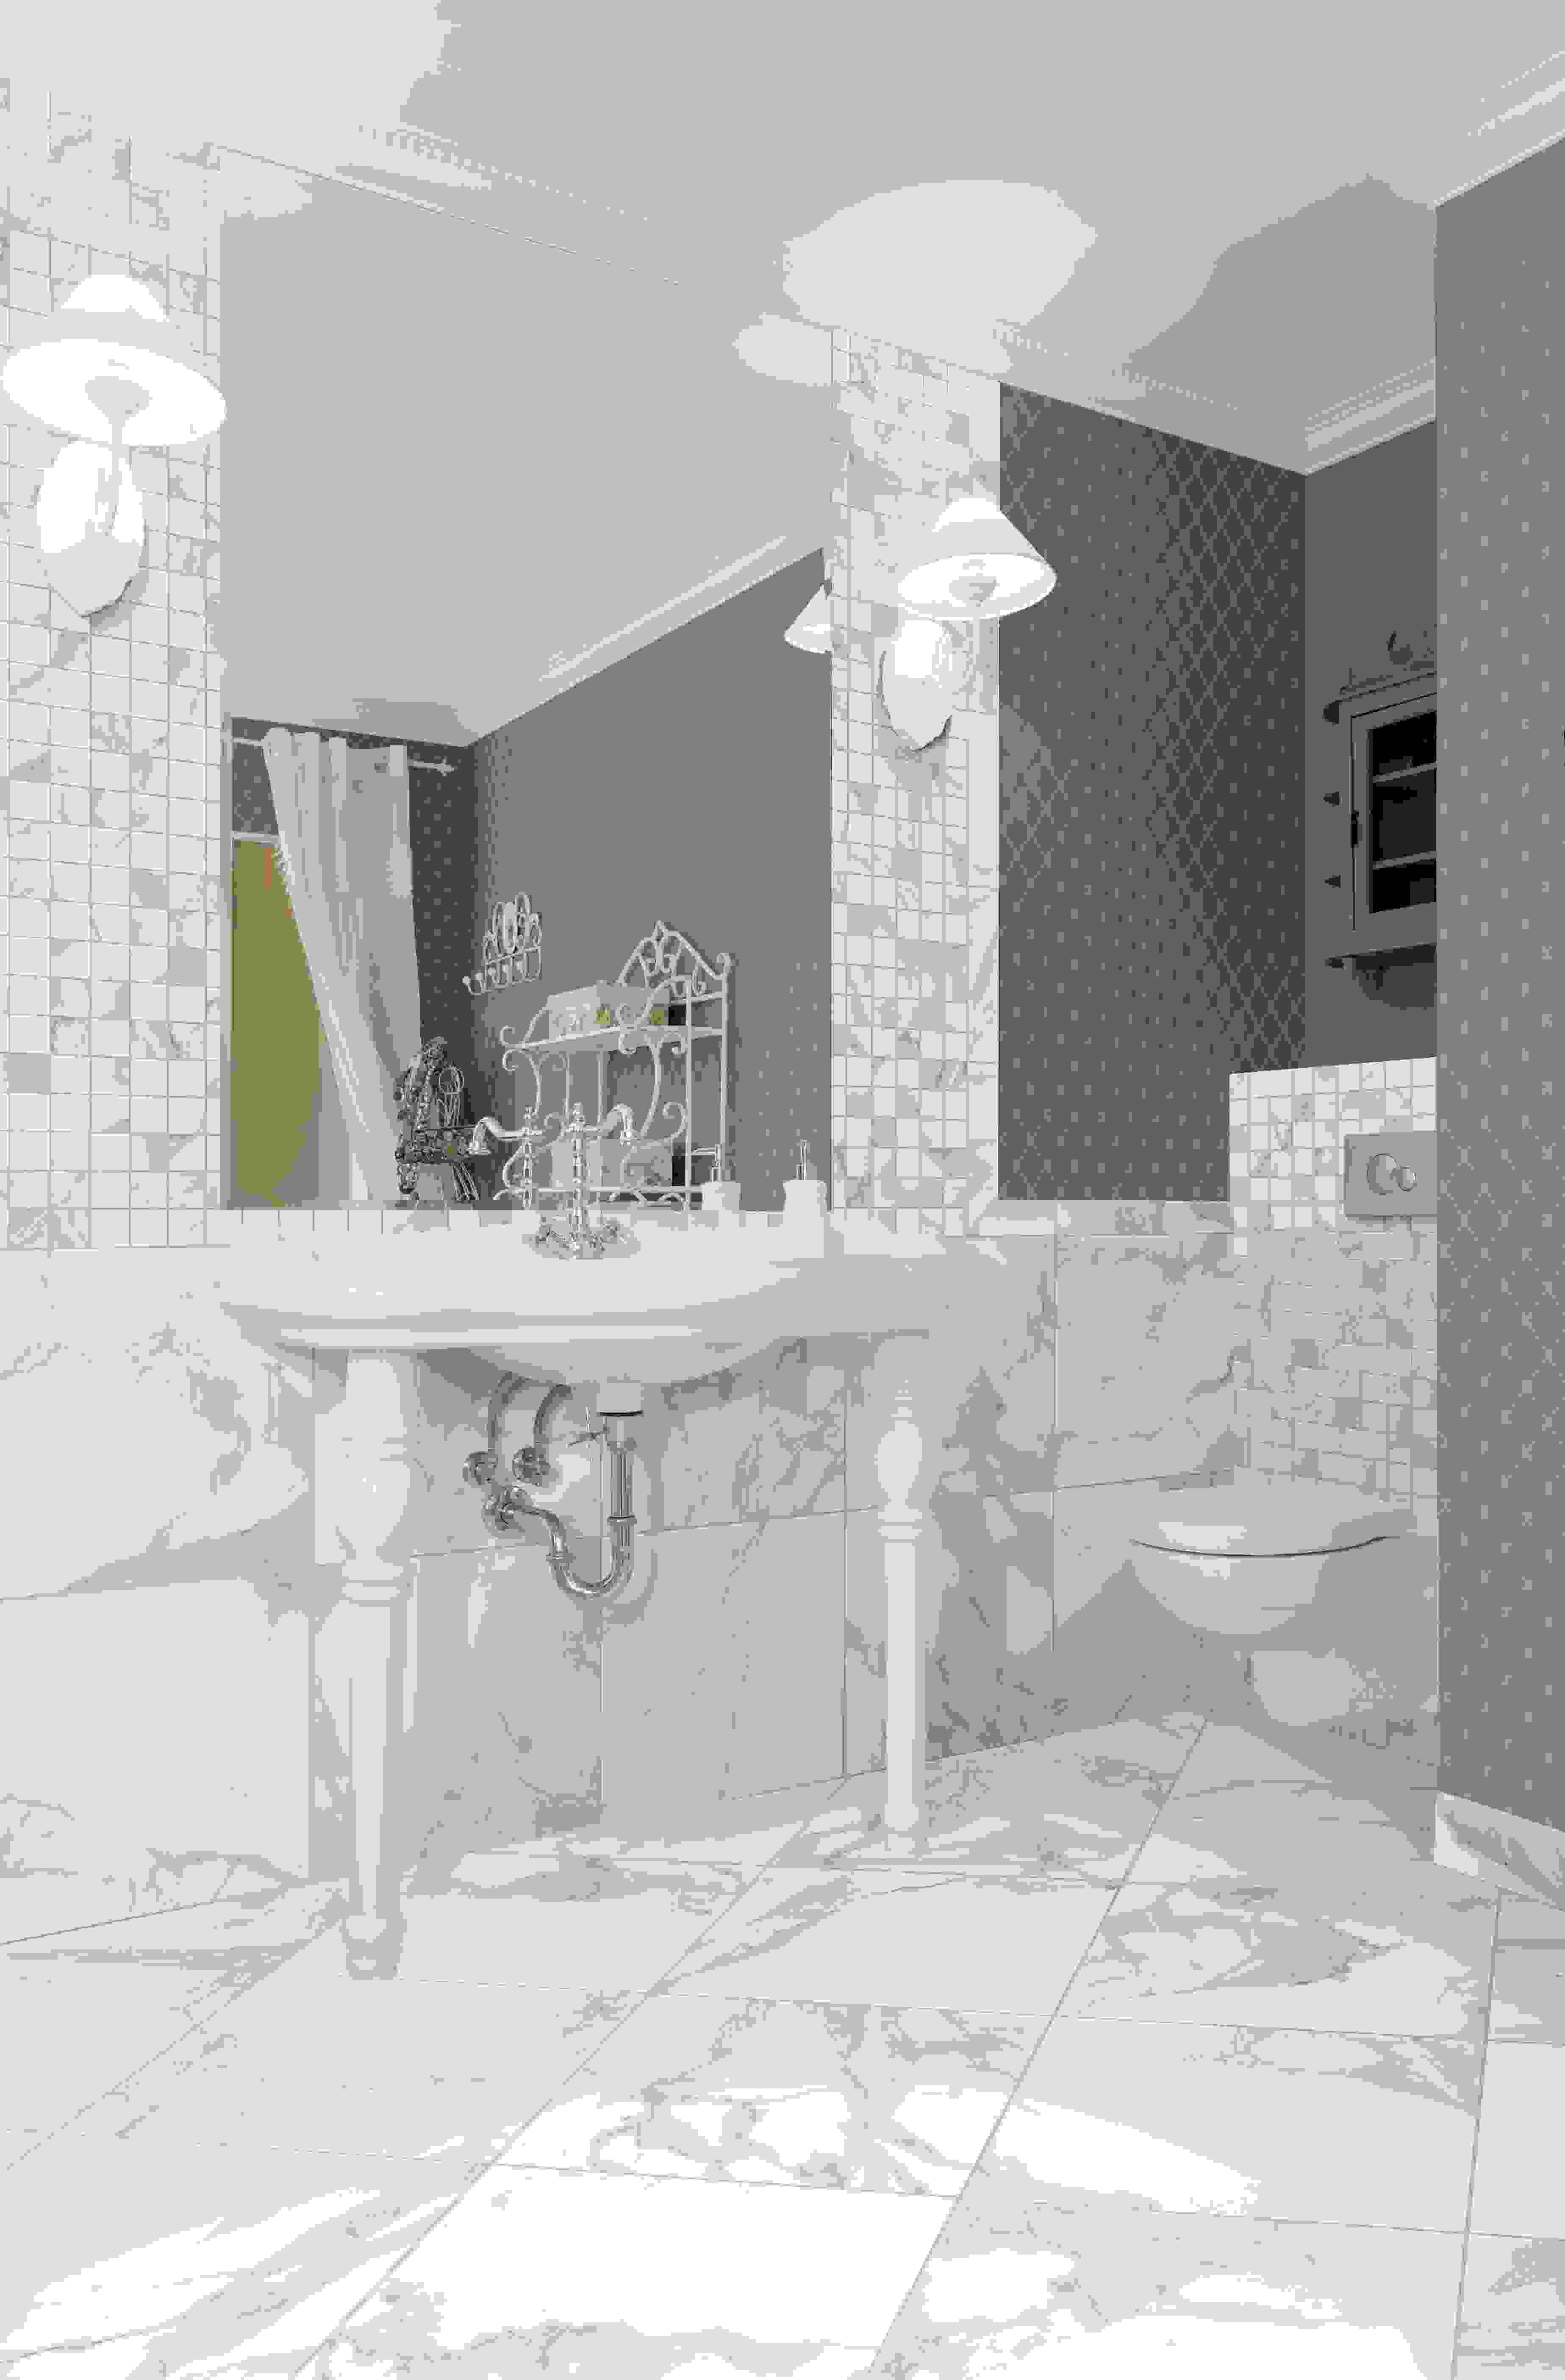 gray tile bathroom floor. tile bathroom floor room. view details gray s